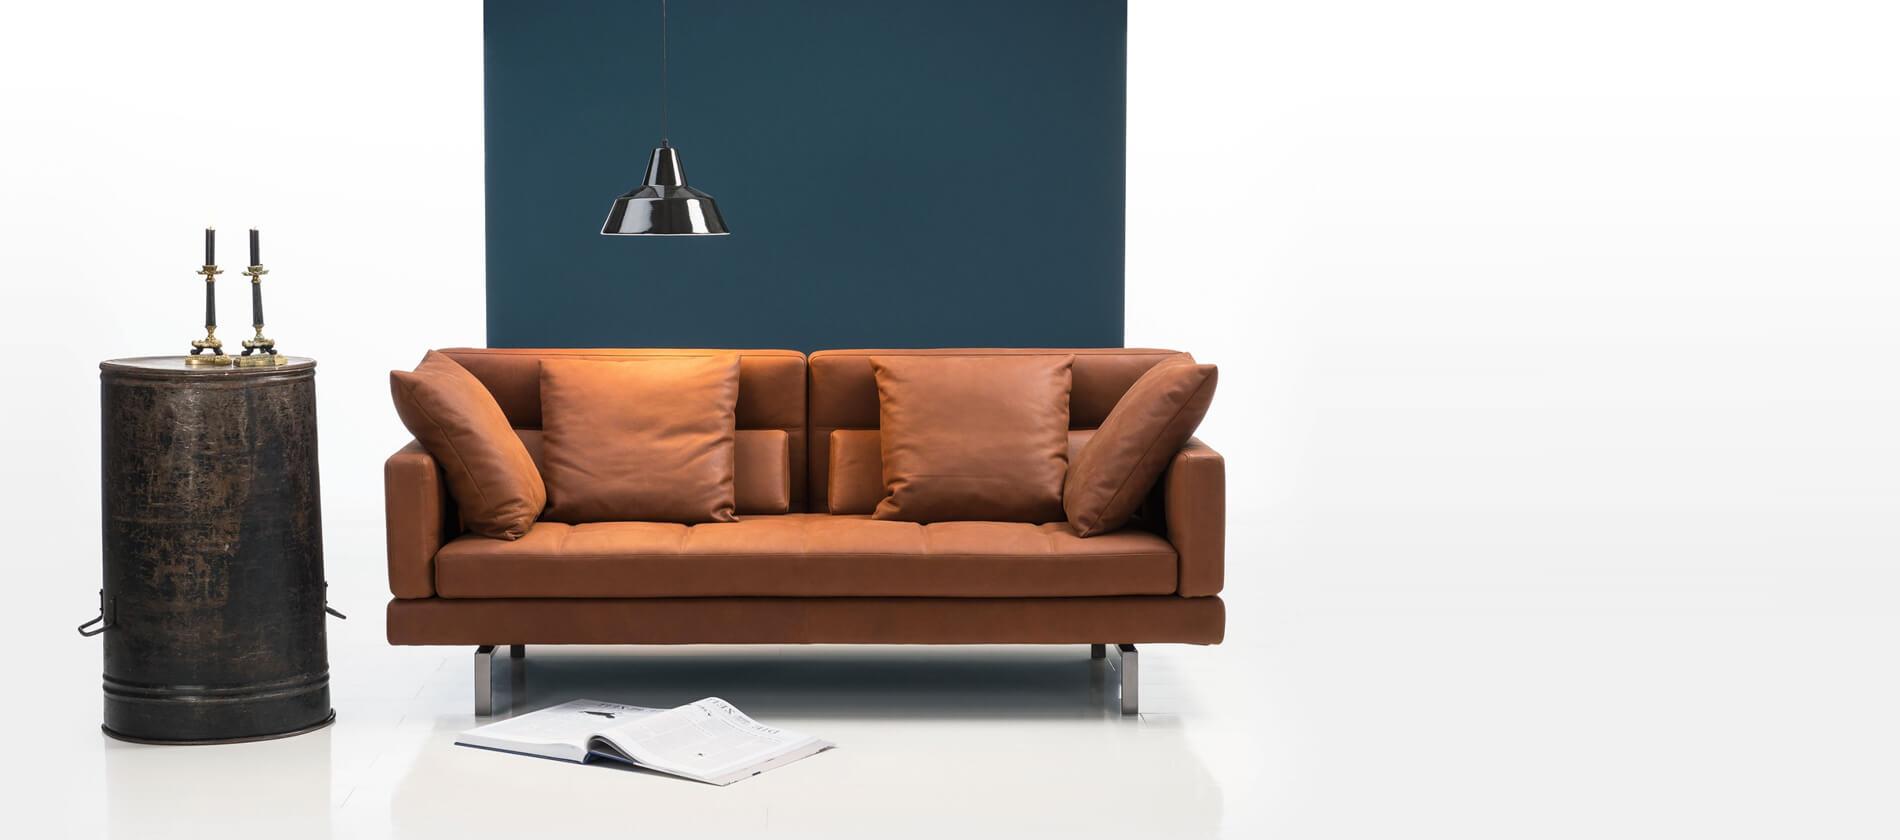 Full Size of Sofa Englisch Beds And Multifunktional Sofas Buy Online Couture Big L Form Mit Holzfüßen Minotti Elektrischer Sitztiefenverstellung Kleines Poco Himolla Sofa Sofa Englisch